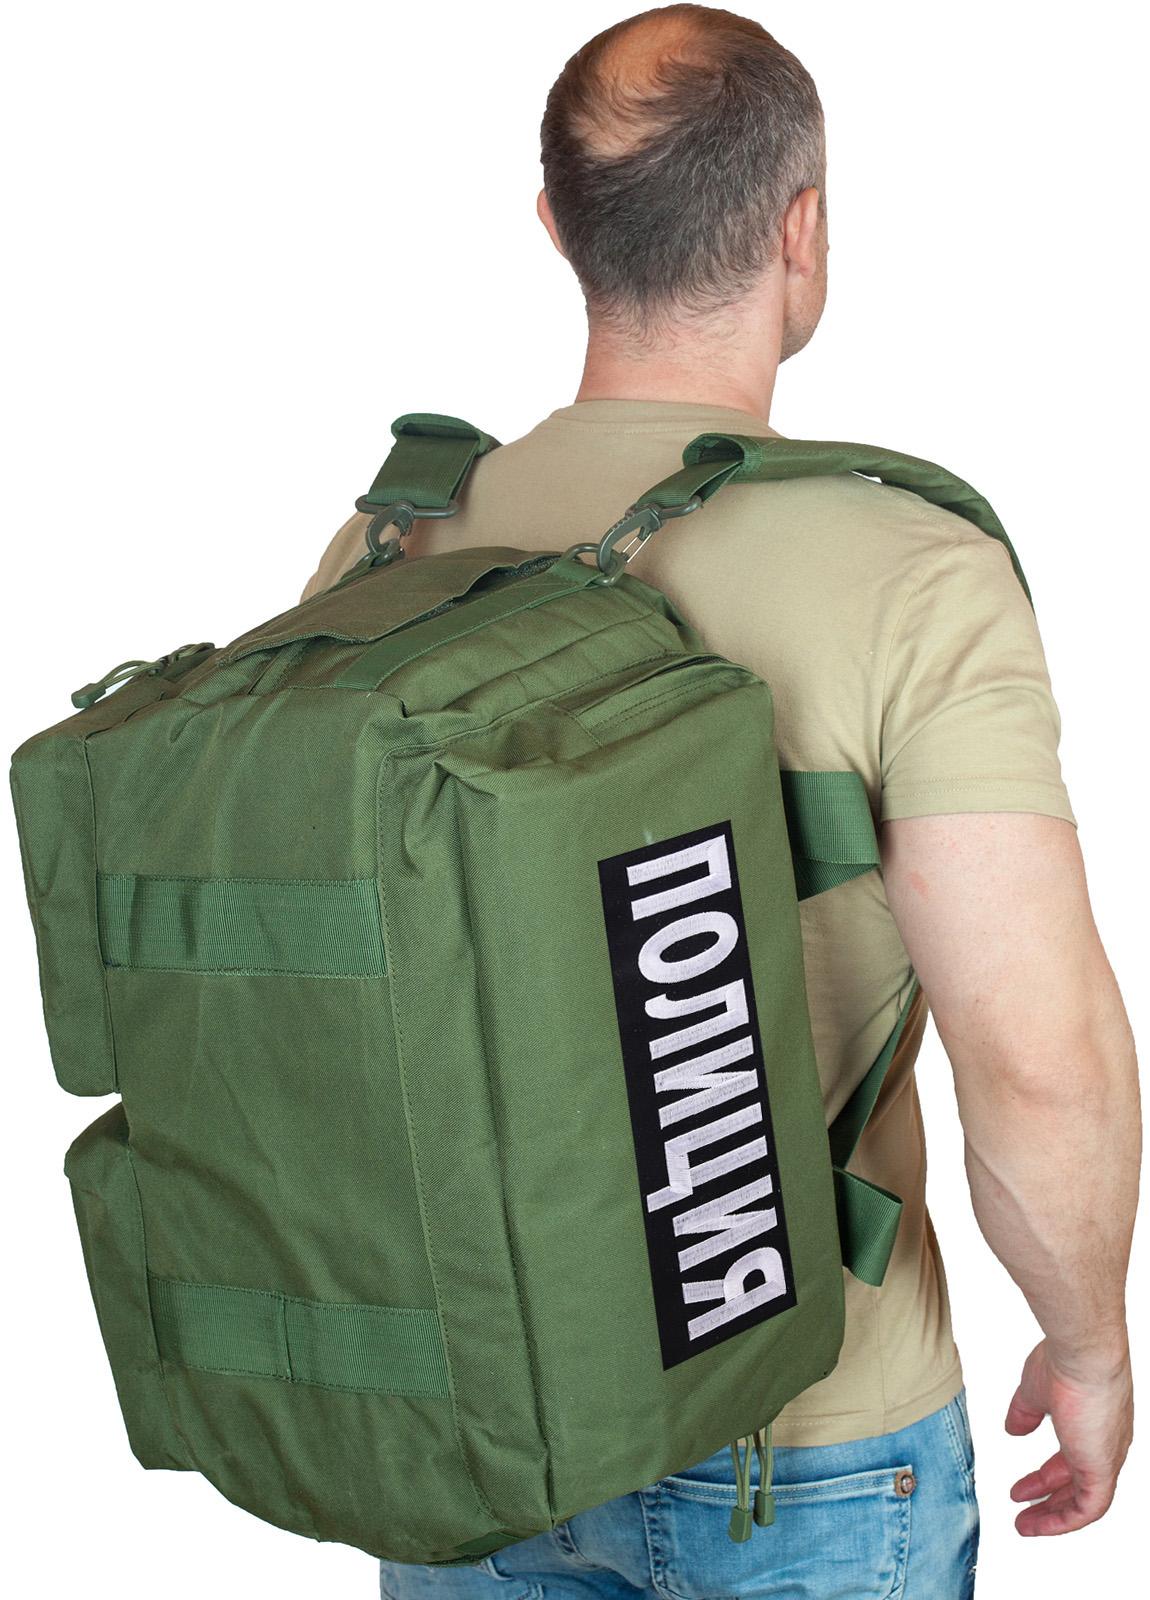 Купить походную сумку-рюкзак с нашивкой Полиция по экономичной цене